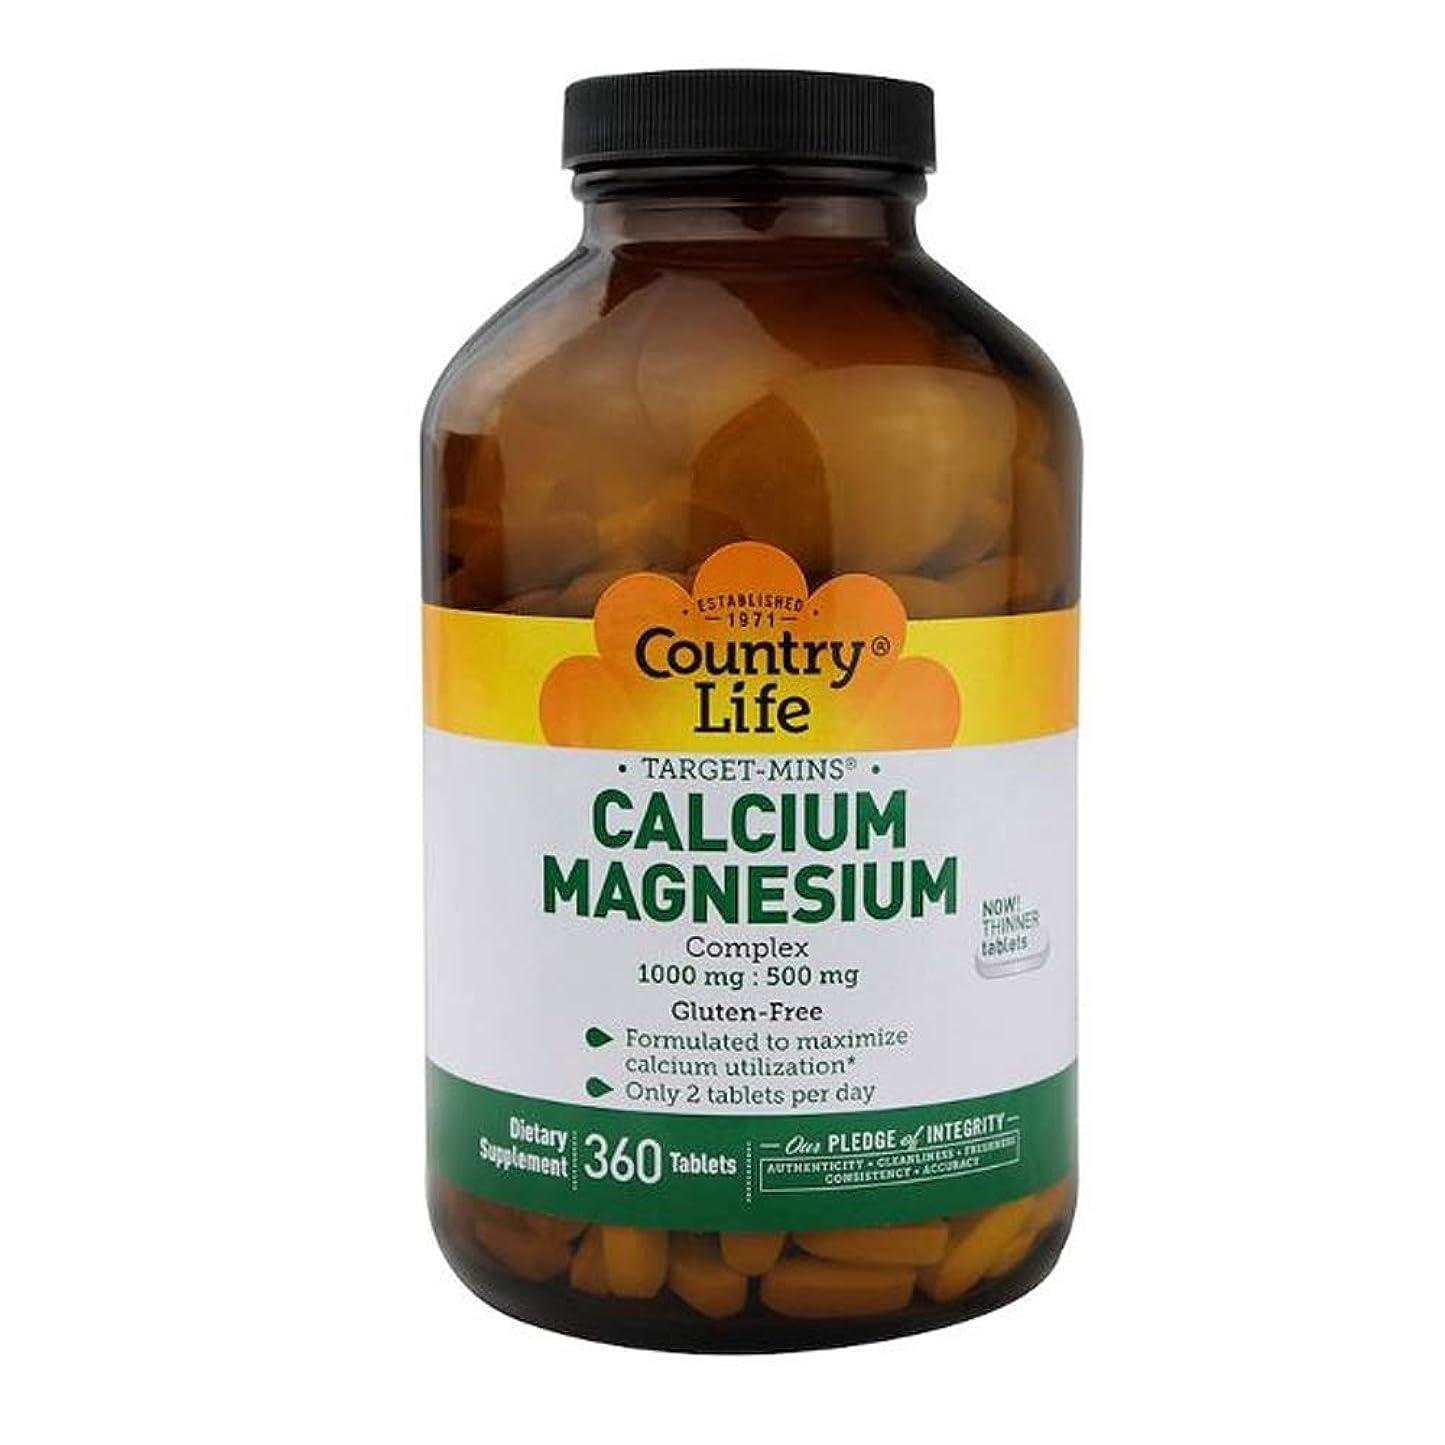 実質的に吸収剤セラーCountry Life ターゲット ミネラル カルシウム マグネシウム 複合体 360錠 【アメリカ直送】